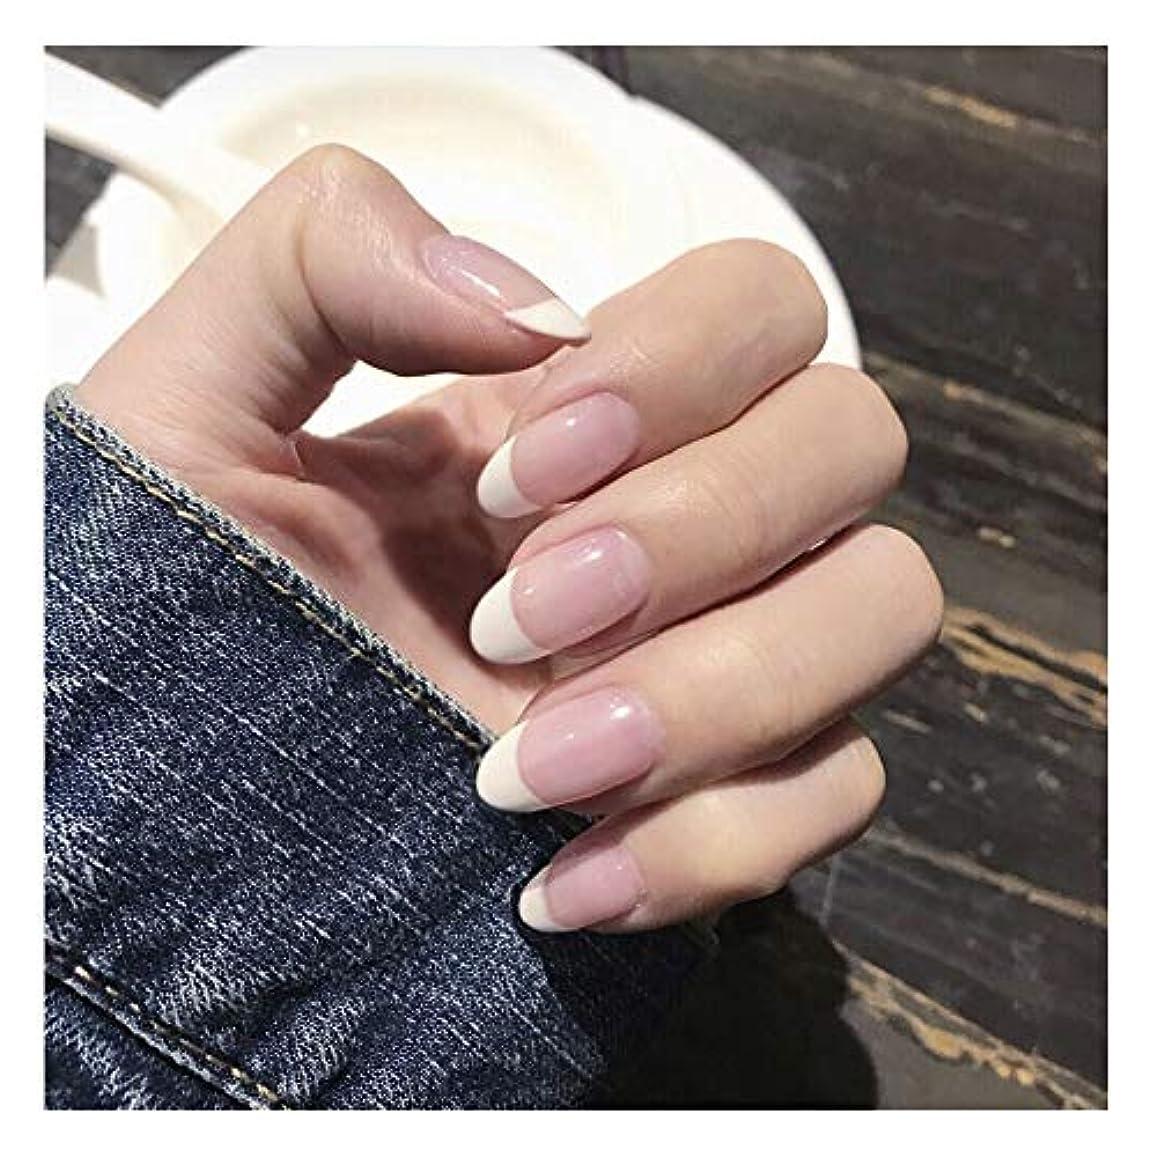 浸漬面活性化するTAALESET 透明ピンク+ホワイト下部偽爪ロングネイルズグルー完成ネイル偽爪を指摘しました (色 : 24 pieces)